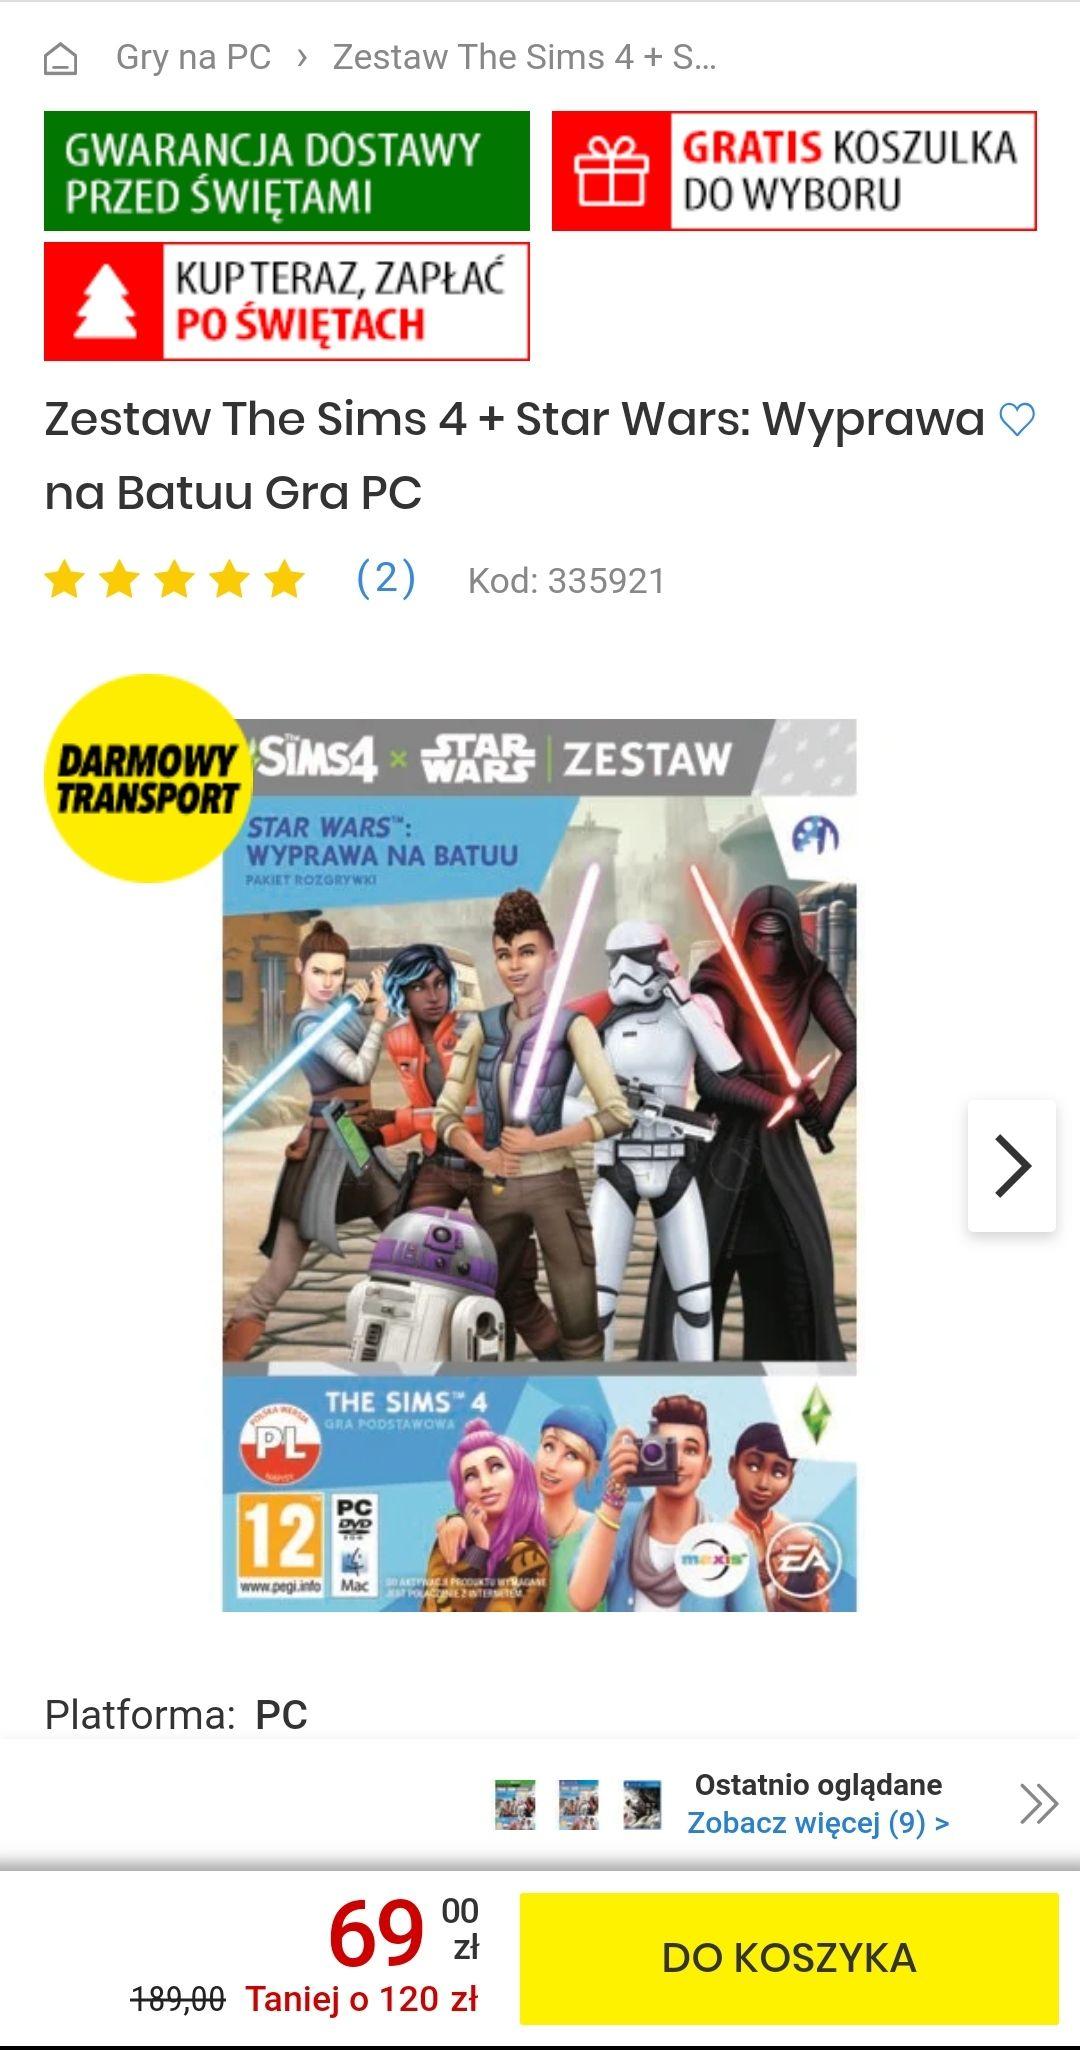 Zestaw The Sims 4 + Star Wars: Wyprawa na Batuu Gra PC / PS4 / Xbox + koszulka CENEGA Star Wars gratis, darmowa dostawa.